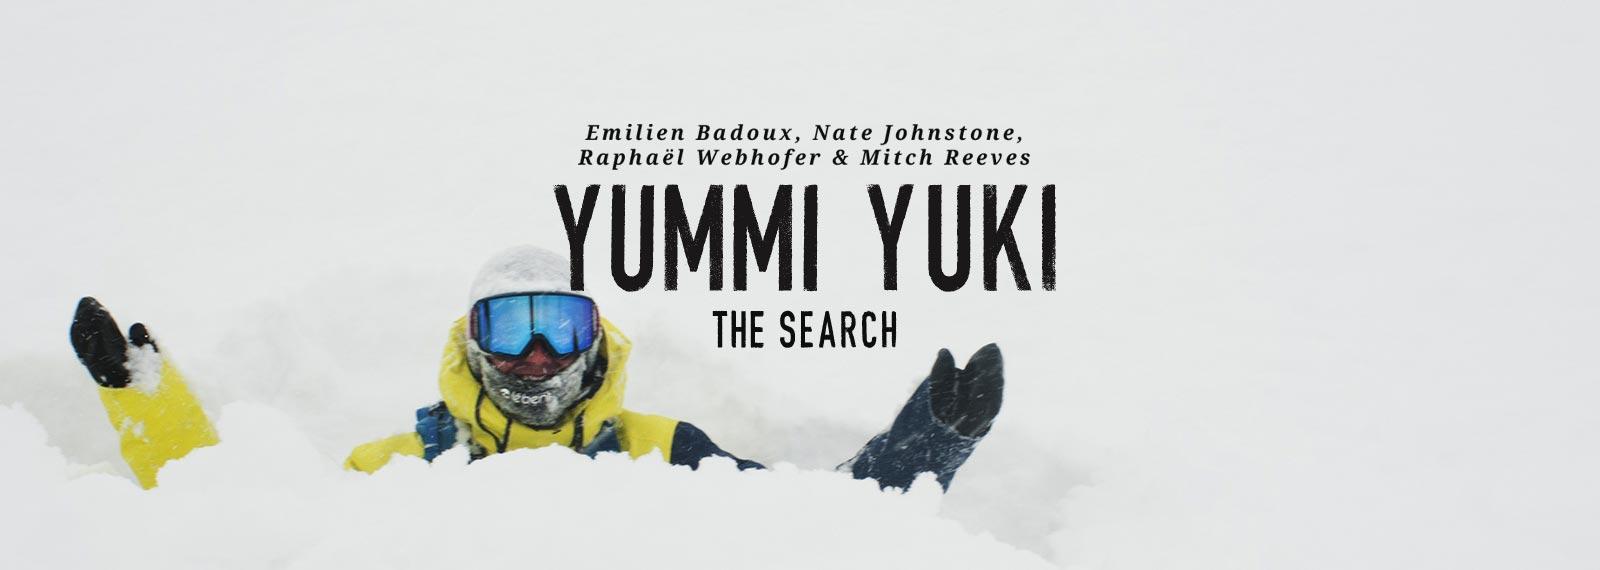 Yummi-Yuki-Desktop